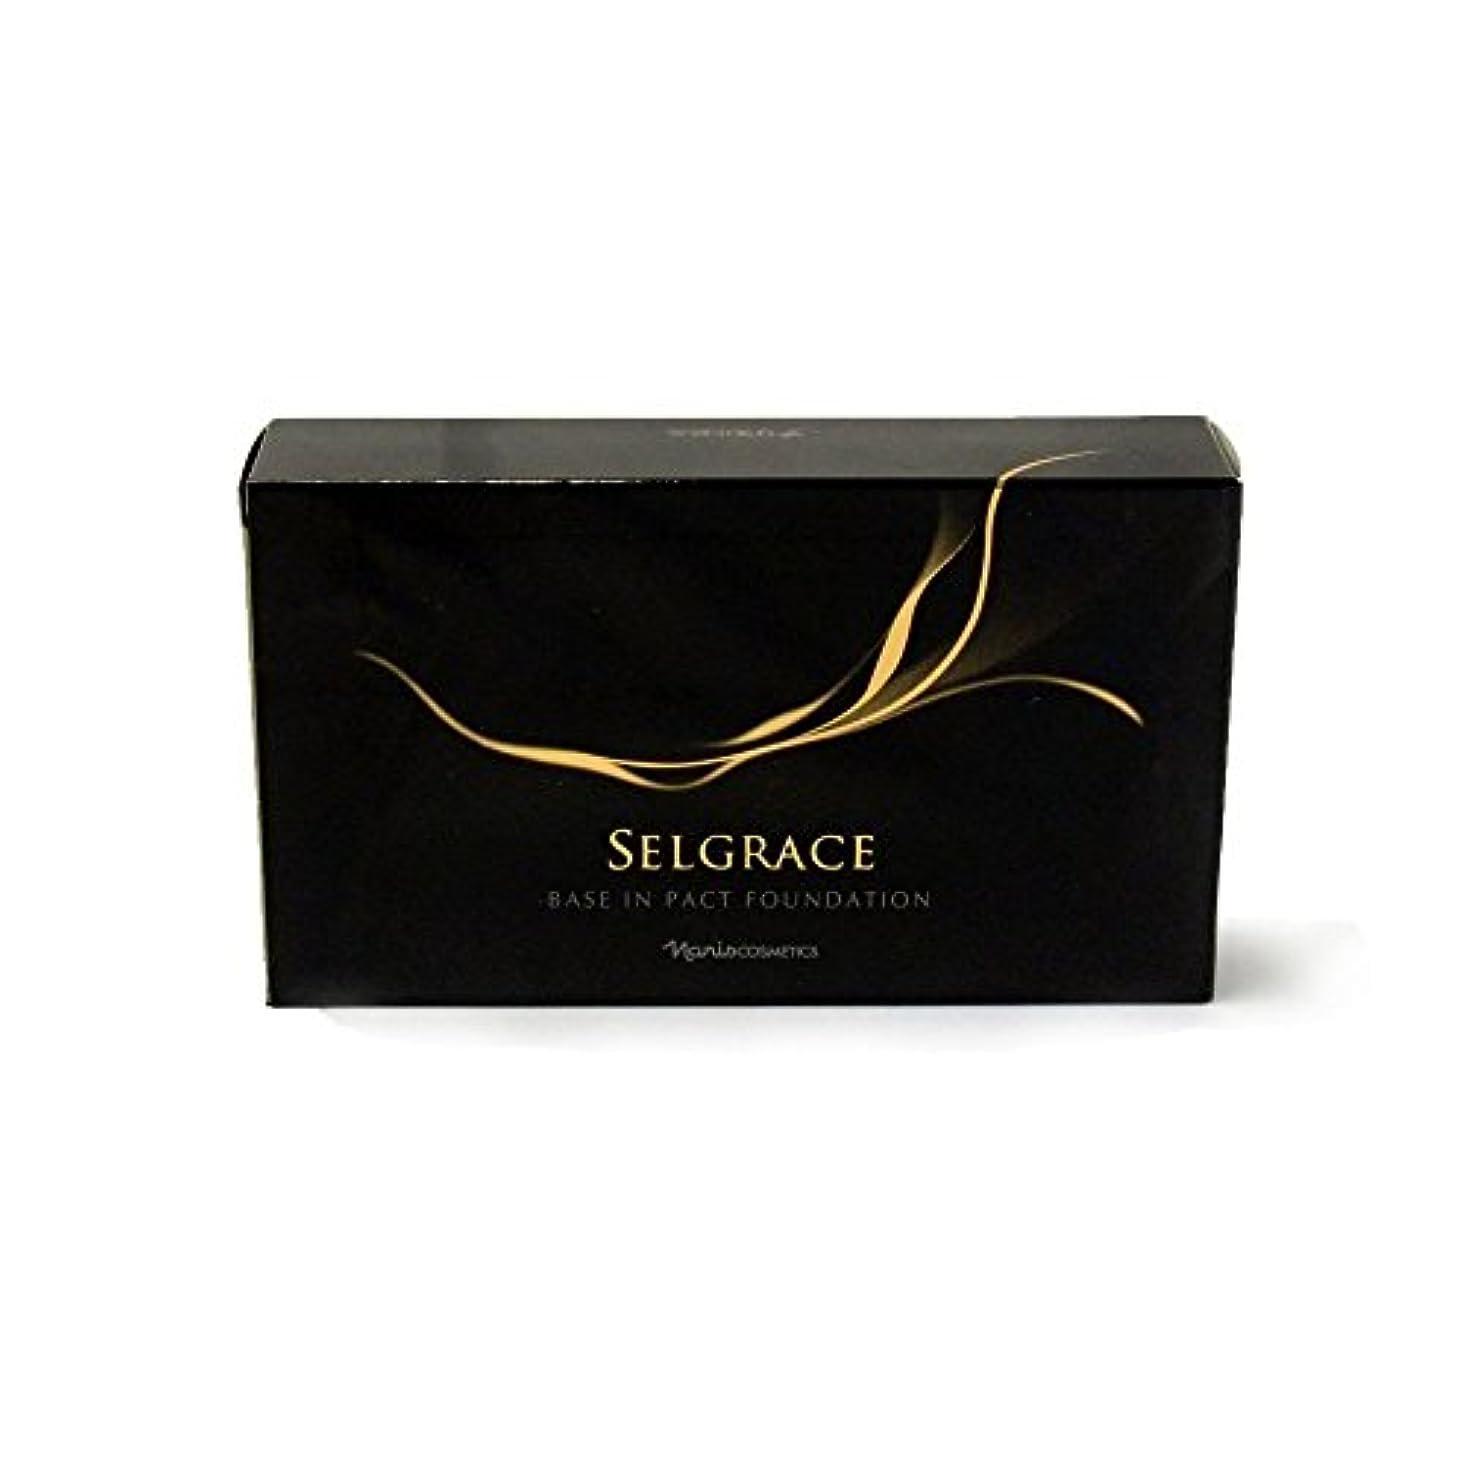 貧しいやろうソフィーナリス化粧品 セルグレース ベースインパクト ファンデーション 570 ダークベージュ レフィル (スポンジ付き)